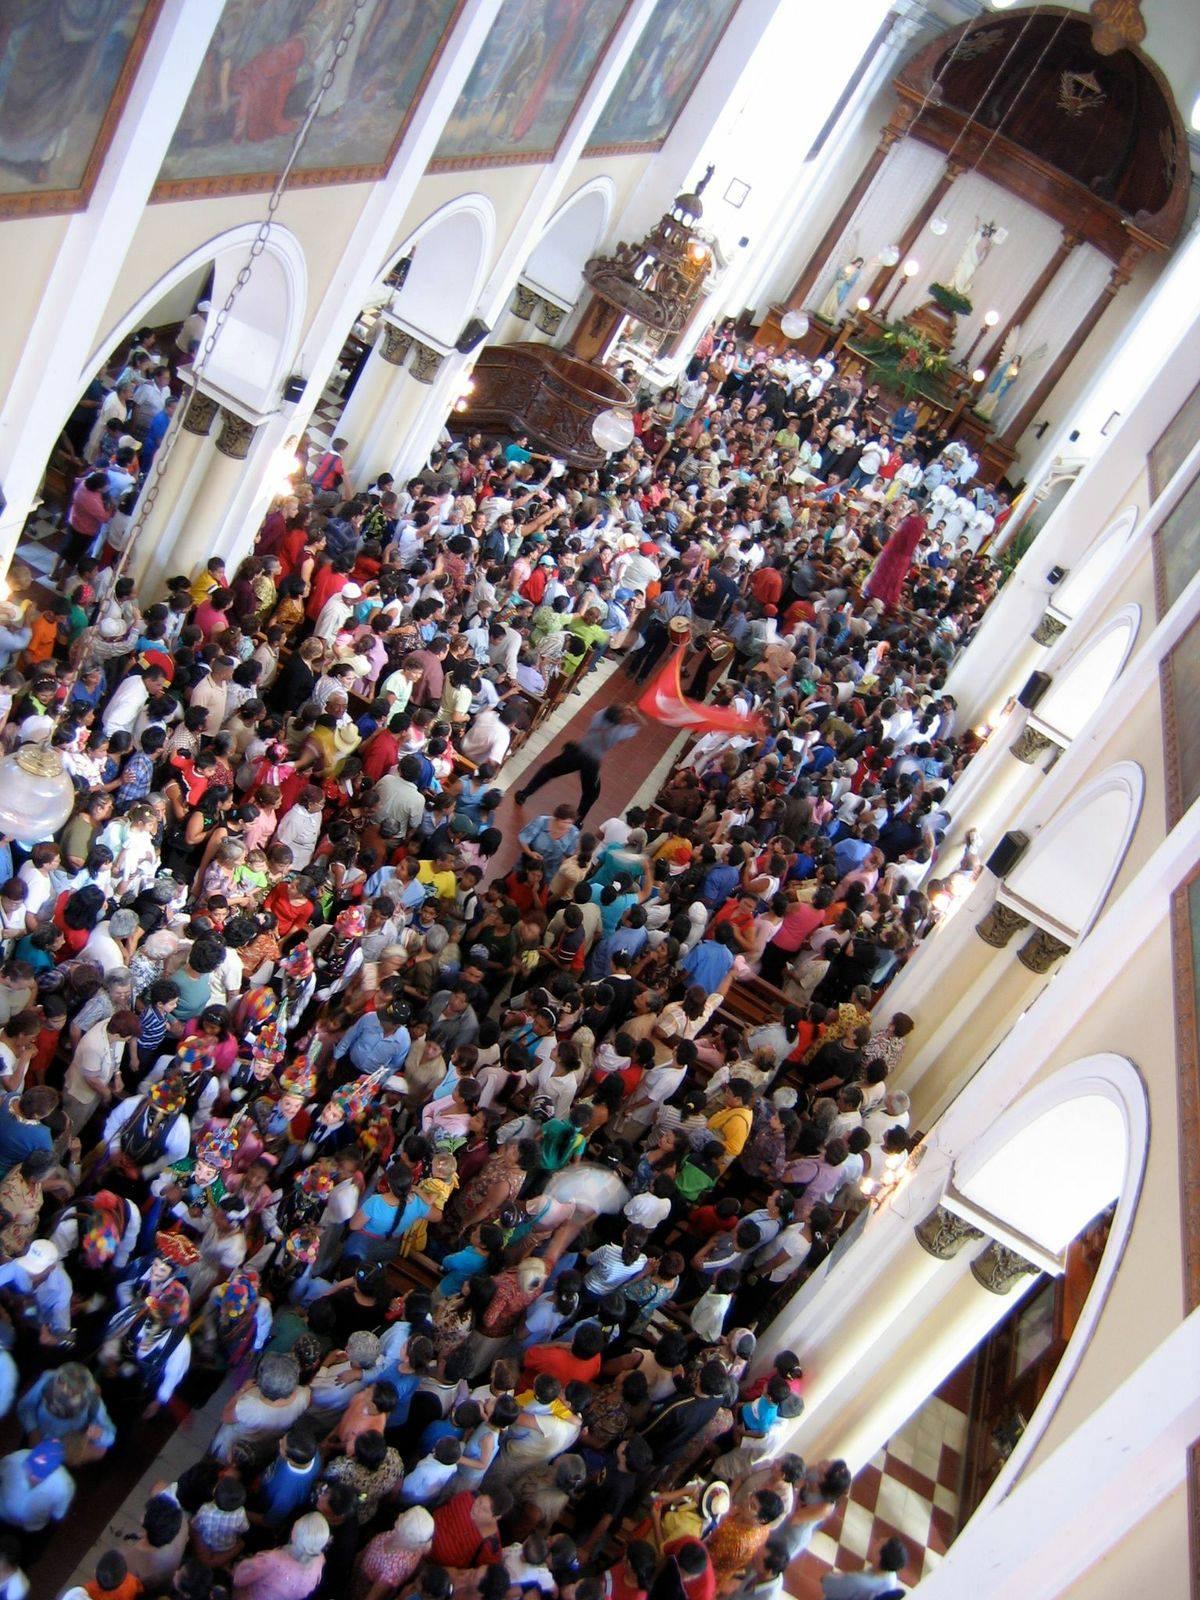 Basílica Menor de San Sebastián, Diriamba, Nicaragua, March 2005. (Photo credit: Daron Hagen)